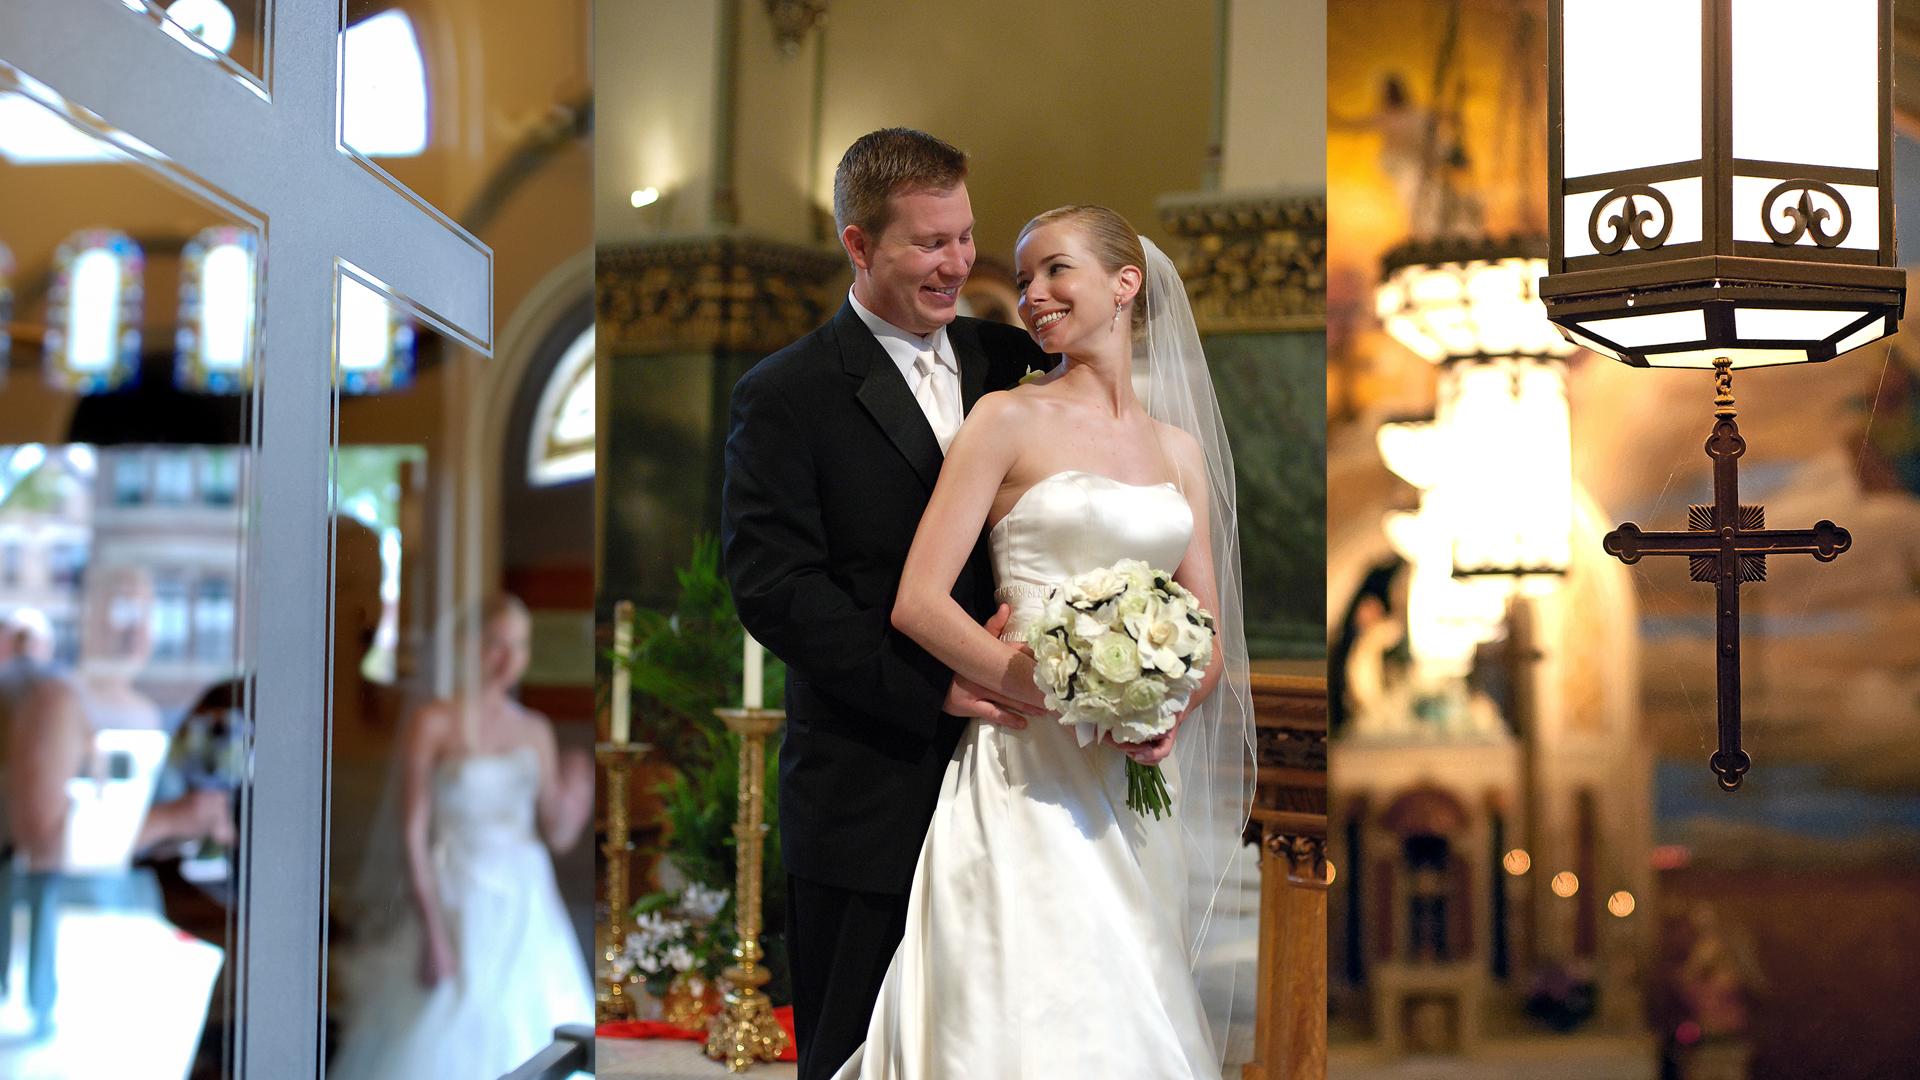 SBWhite_portfolio_weddings-1